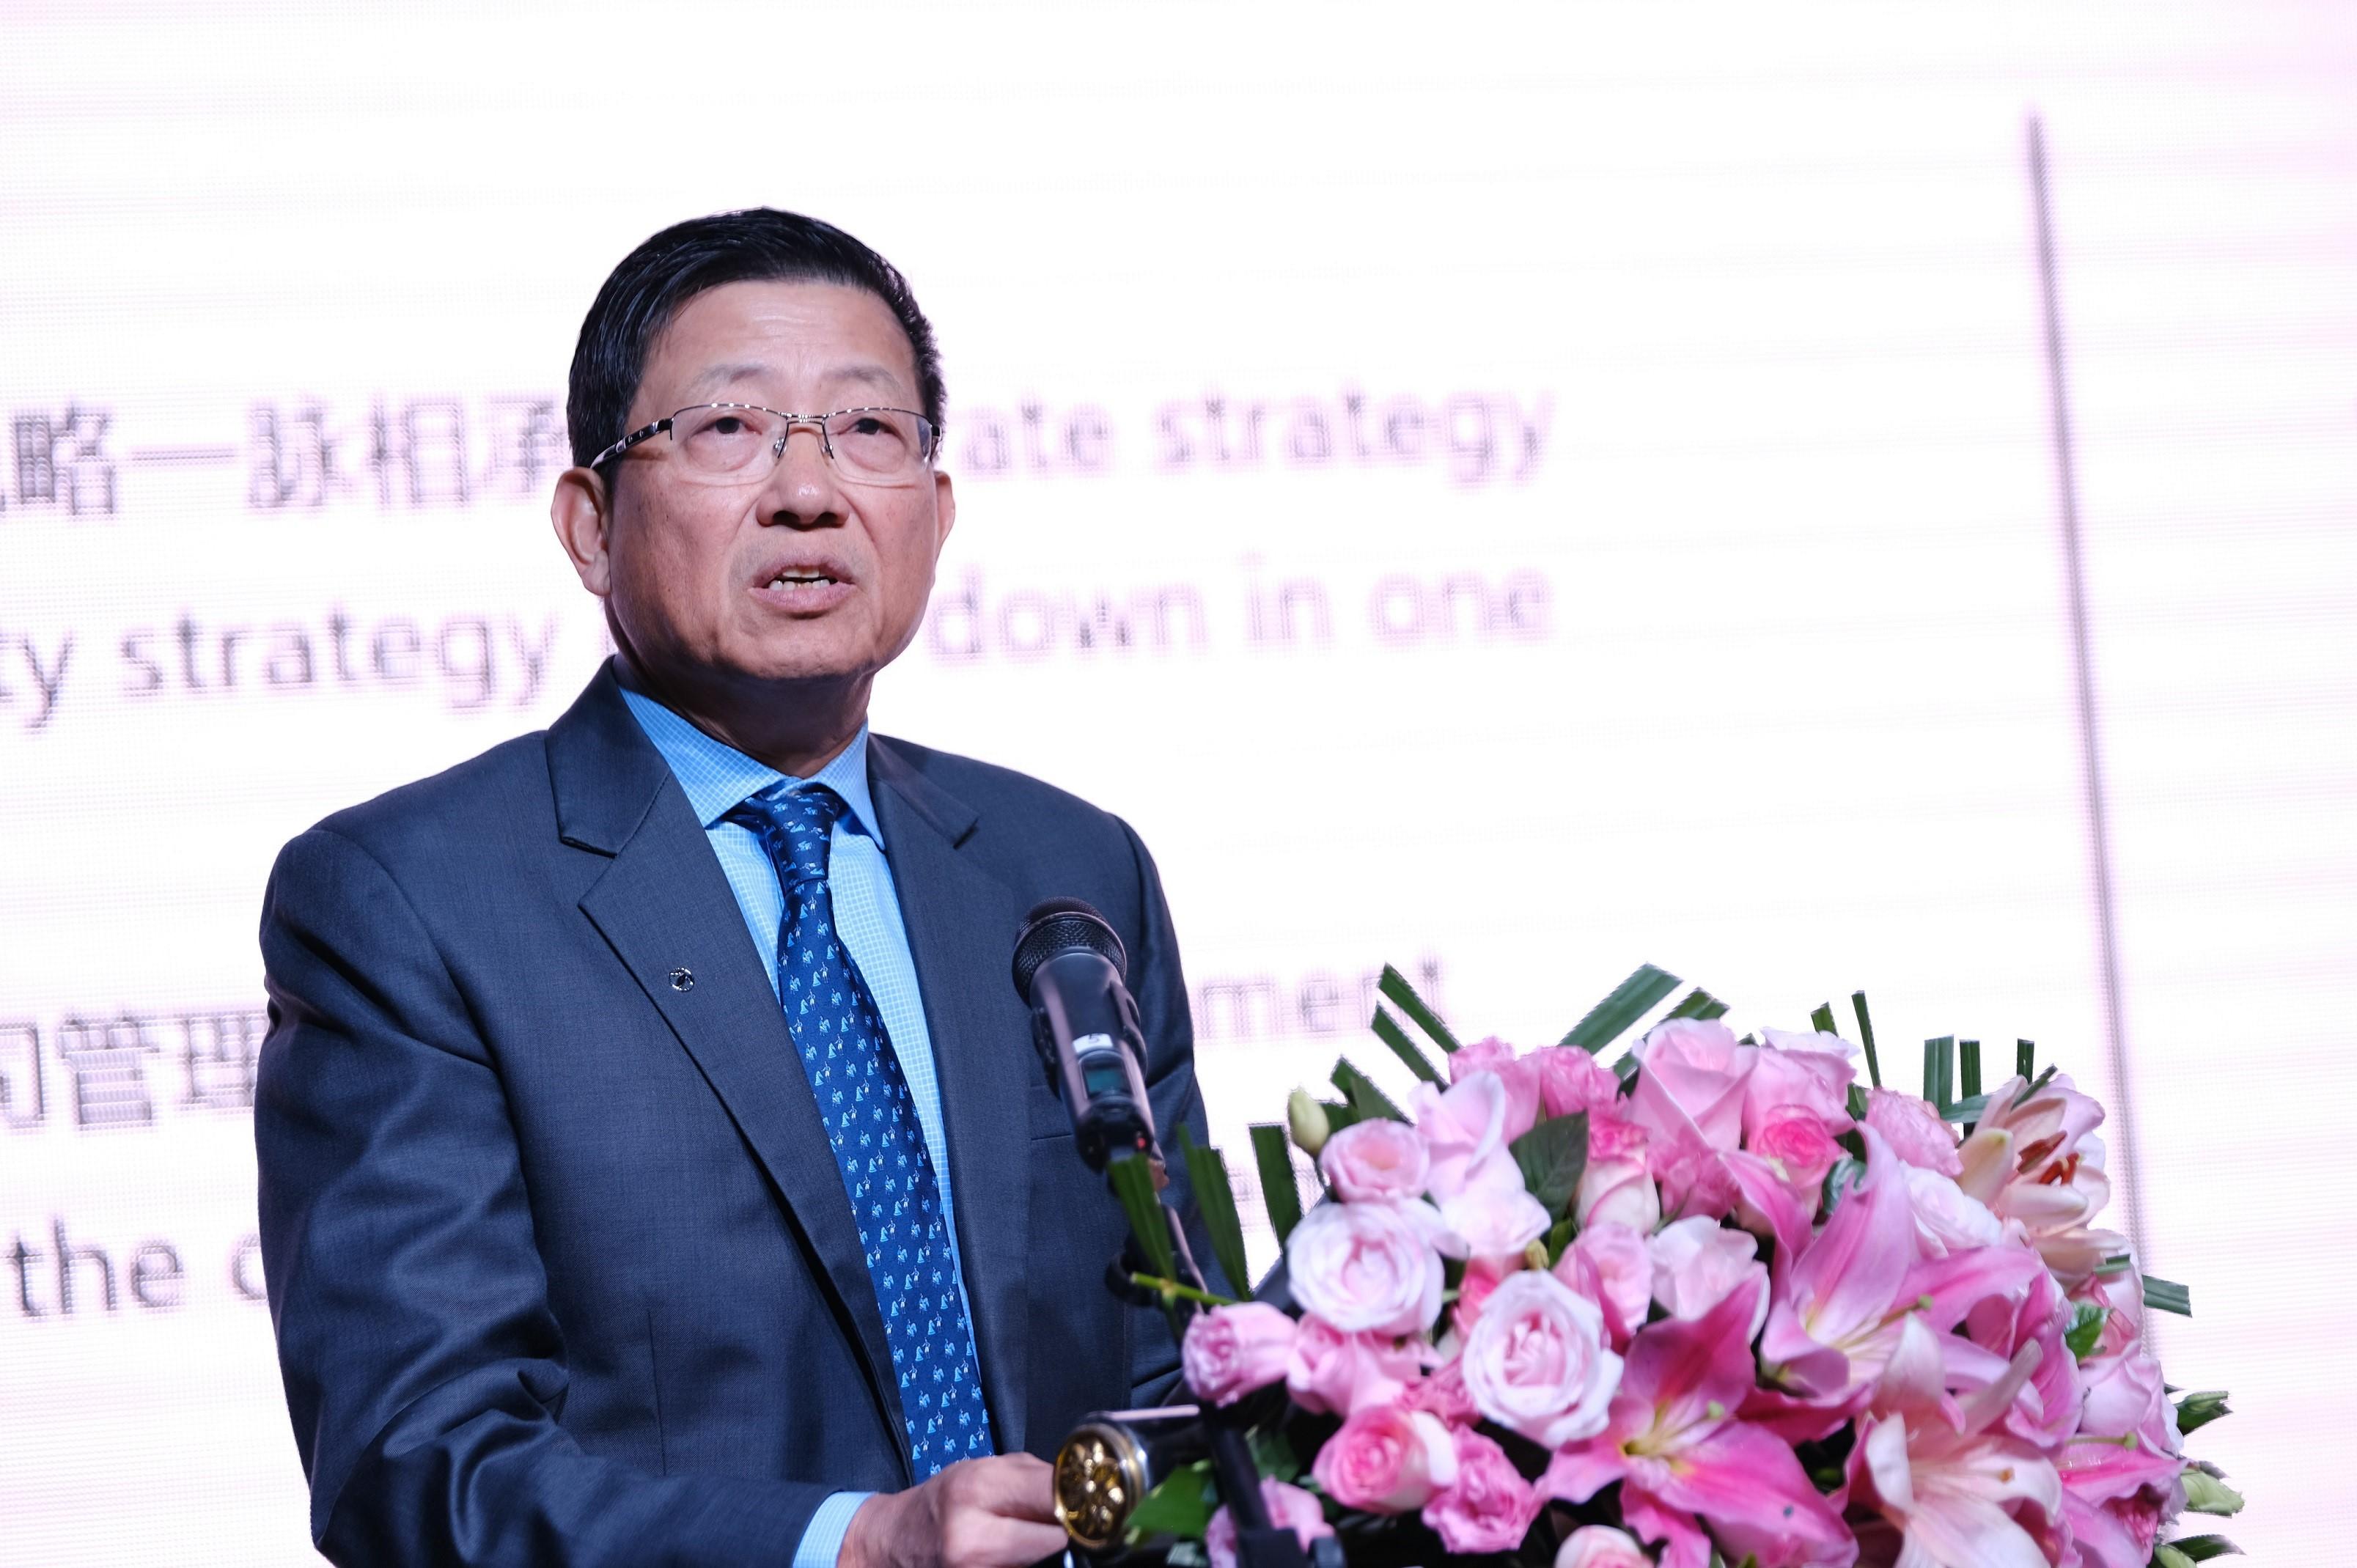 康寶萊中國在京發布2018-2019年度企業社會責任報告